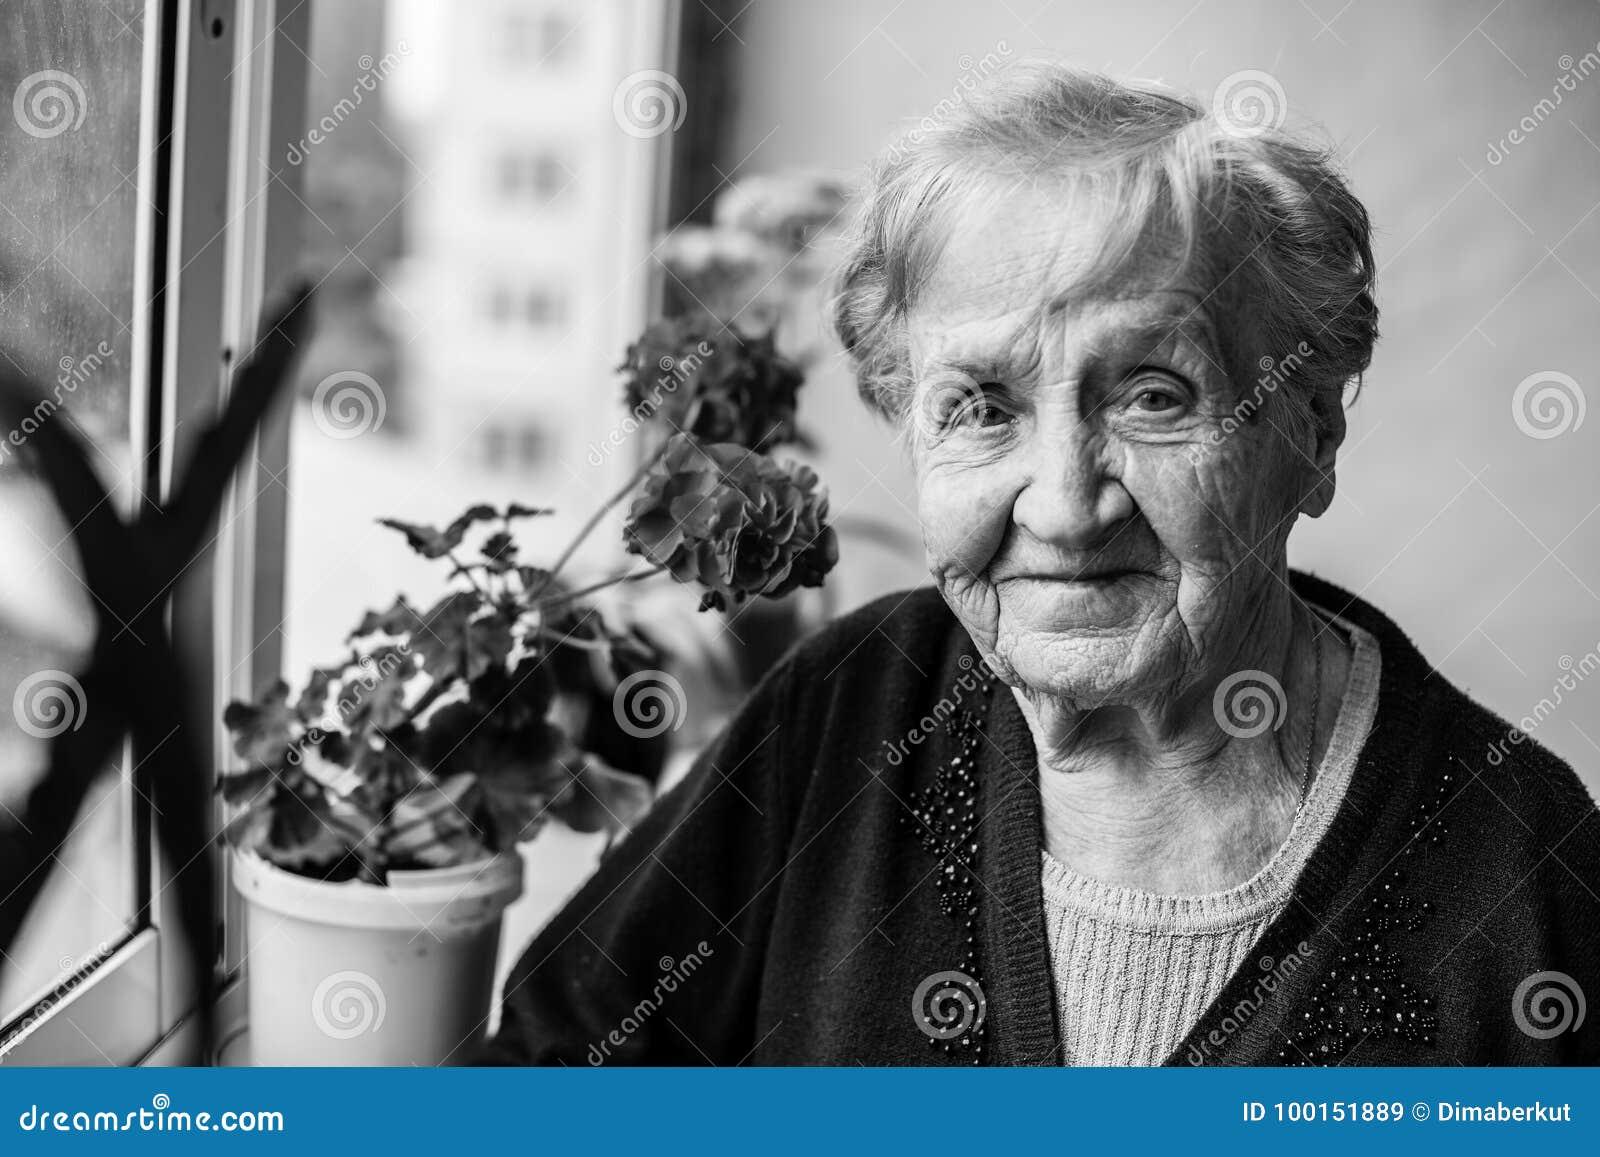 Portrait of an elderly woman on the balcony.